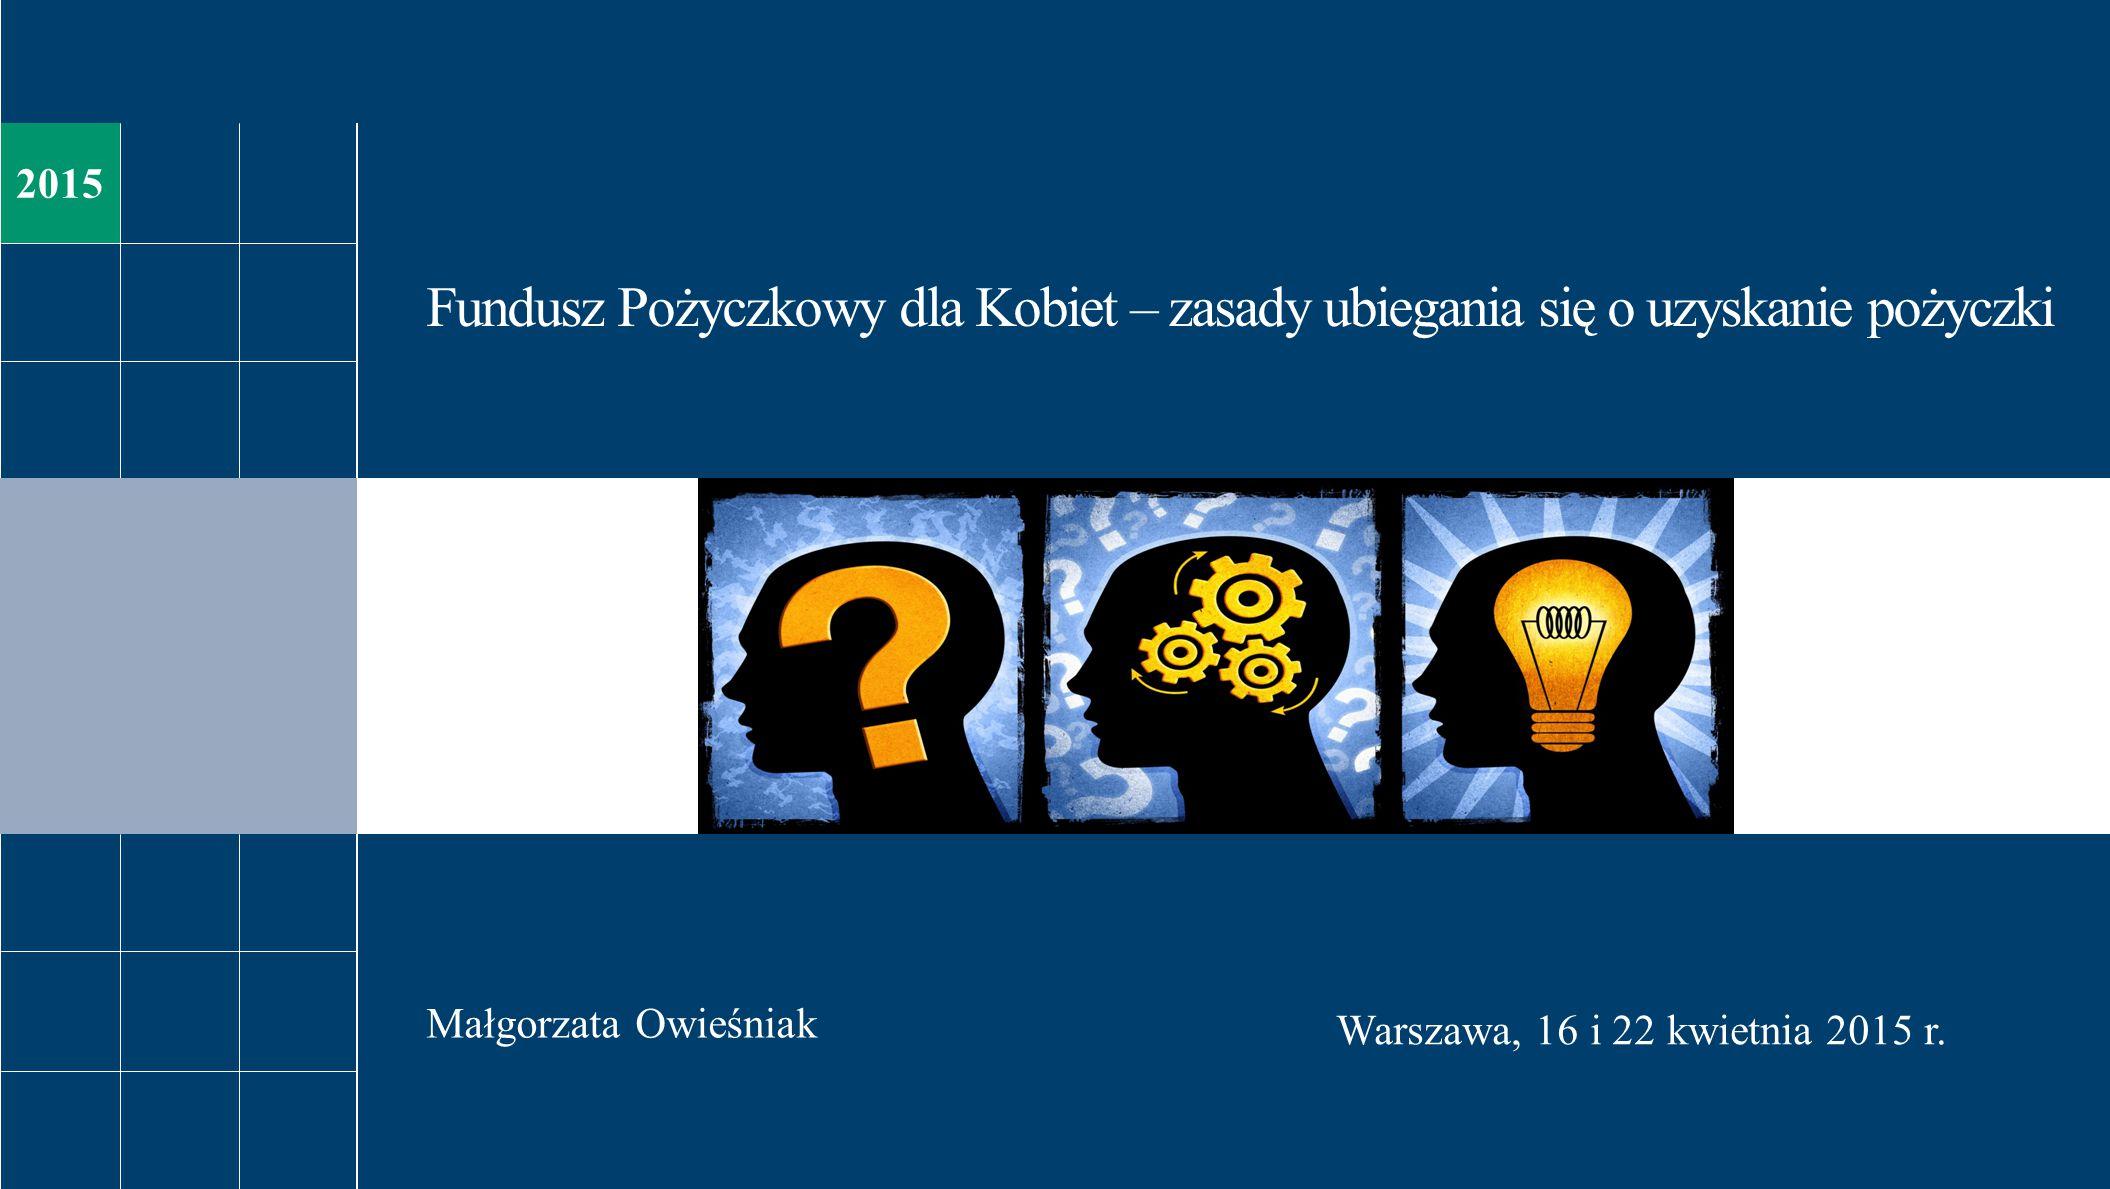 Fundusz Pożyczkowy dla Kobiet – zasady ubiegania się o uzyskanie pożyczki Małgorzata Owieśniak Warszawa, 16 i 22 kwietnia 2015 r.